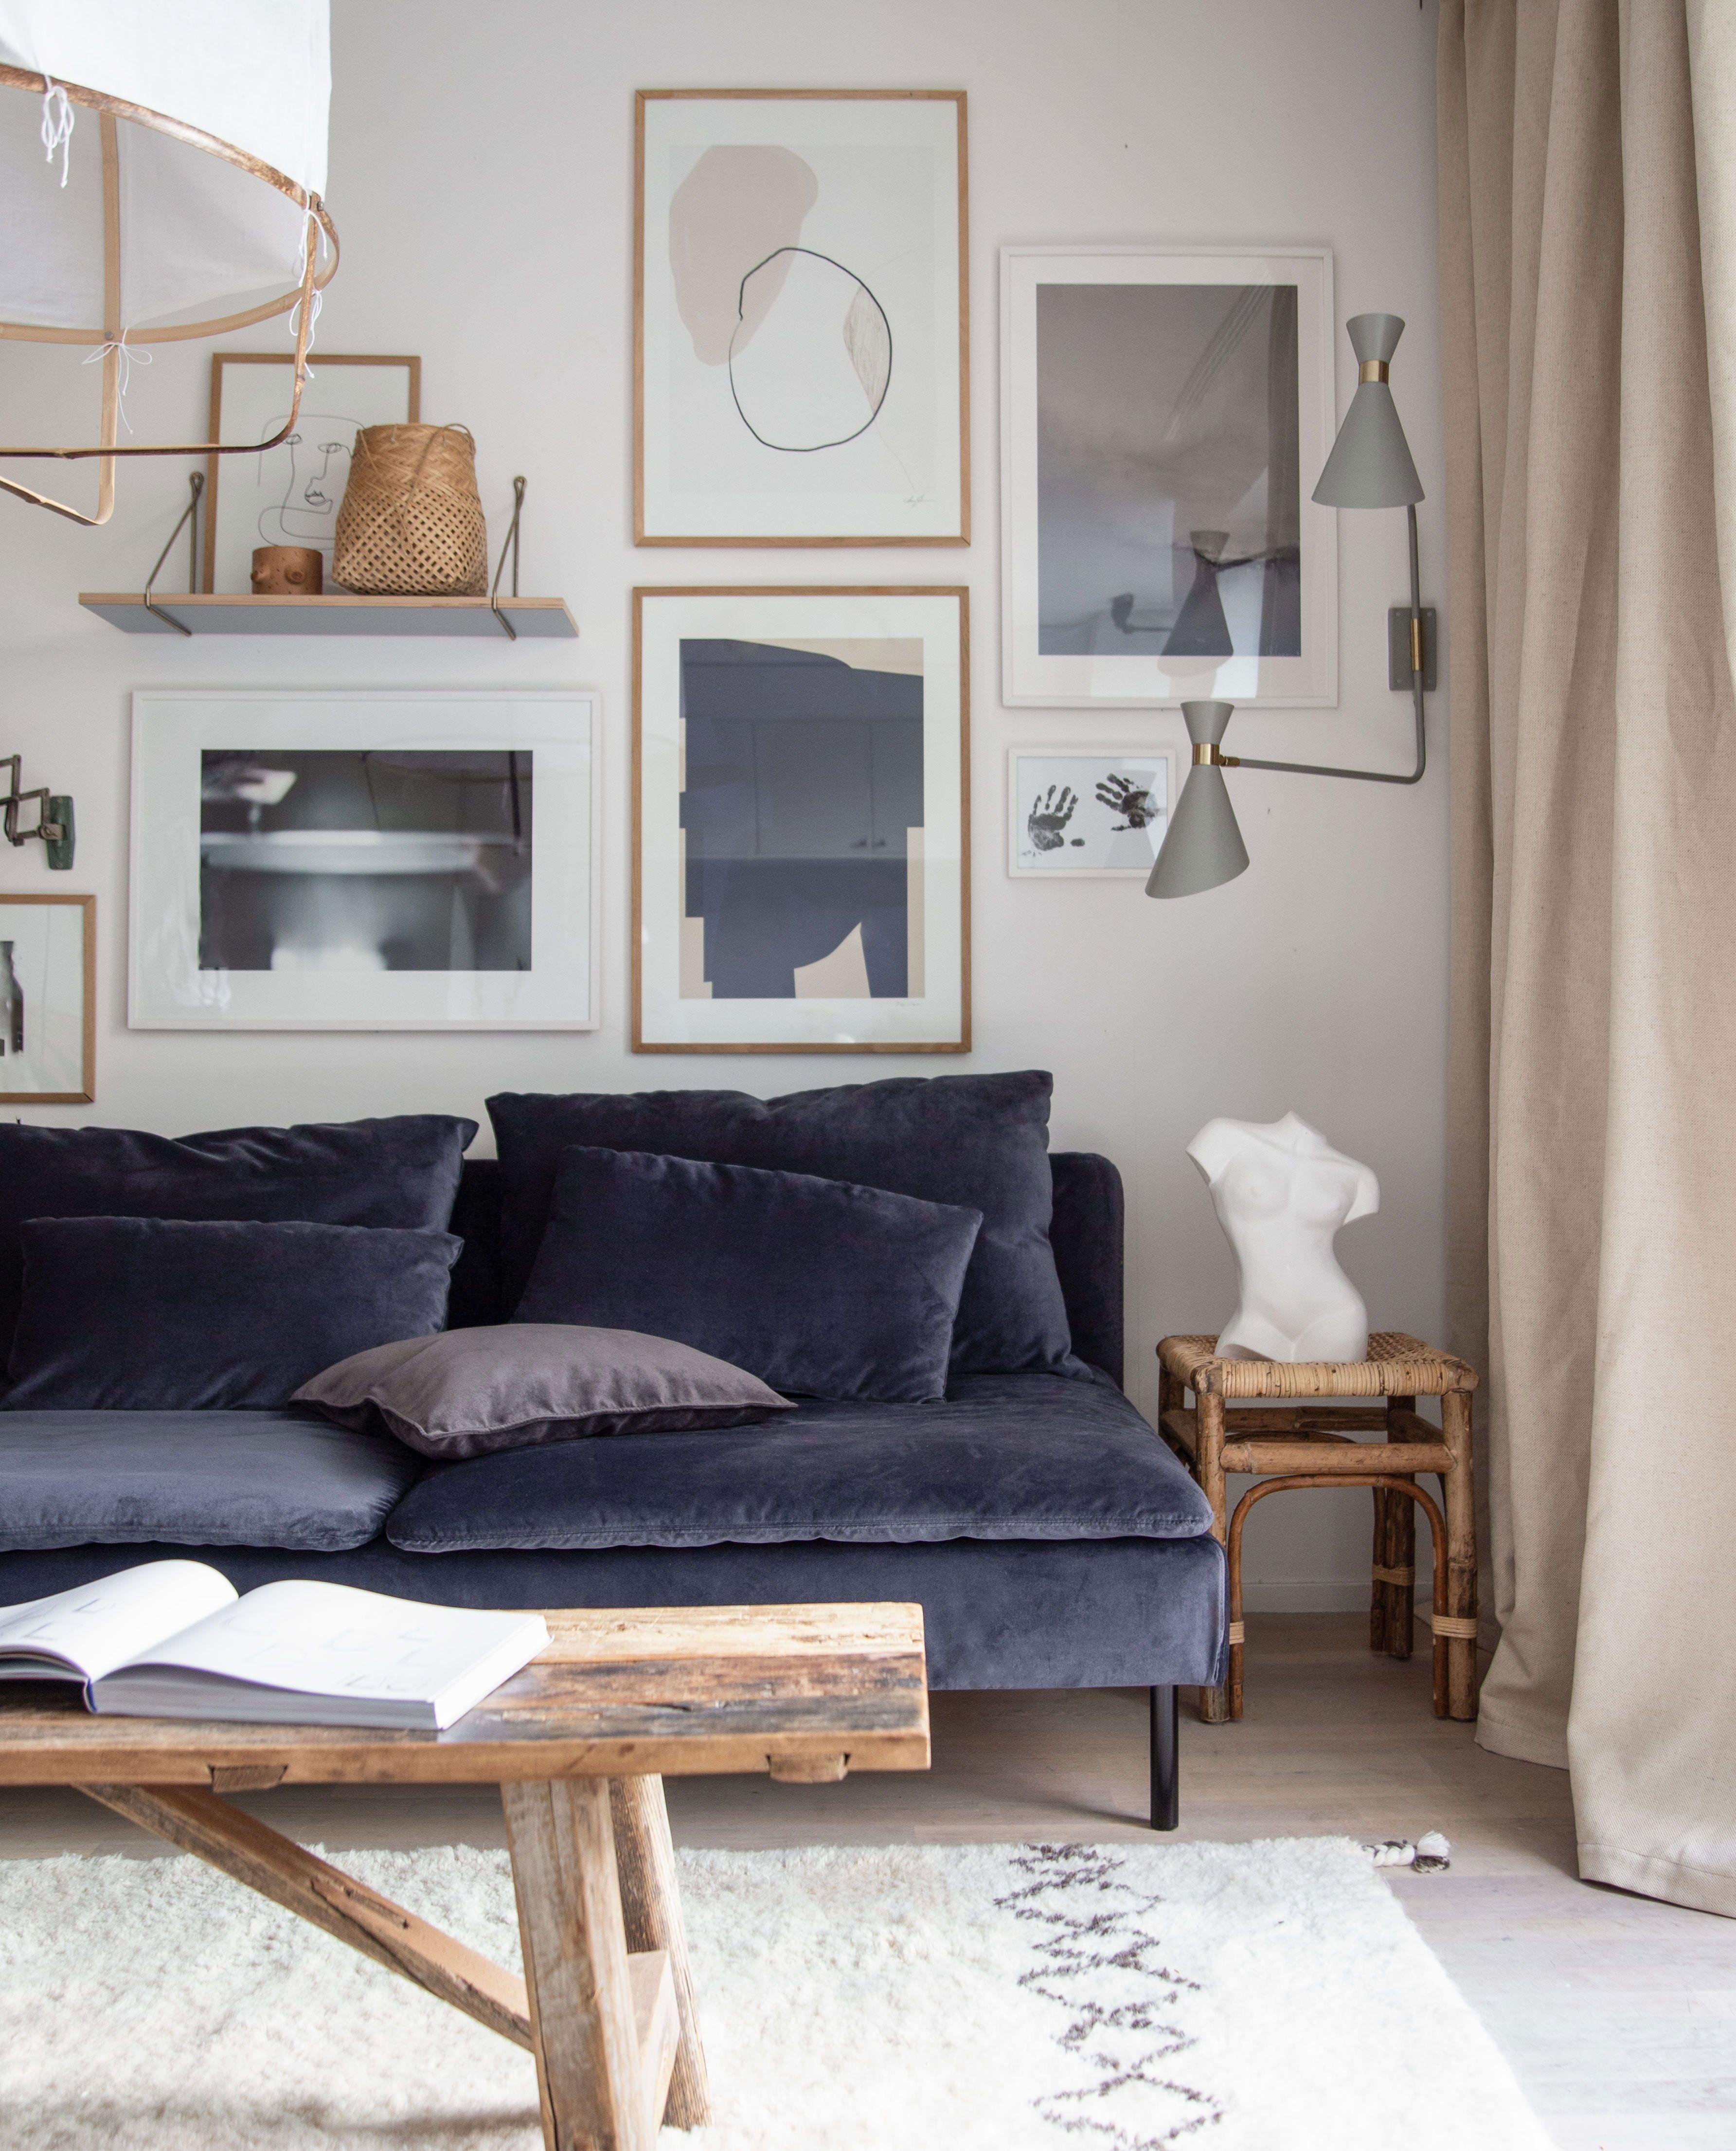 Bemz Cover In Indigo Simply Velvet For Ikea Soderhamn Sofa In 2020 Living Room Scandinavian Scandinavian Home Living Room Decor